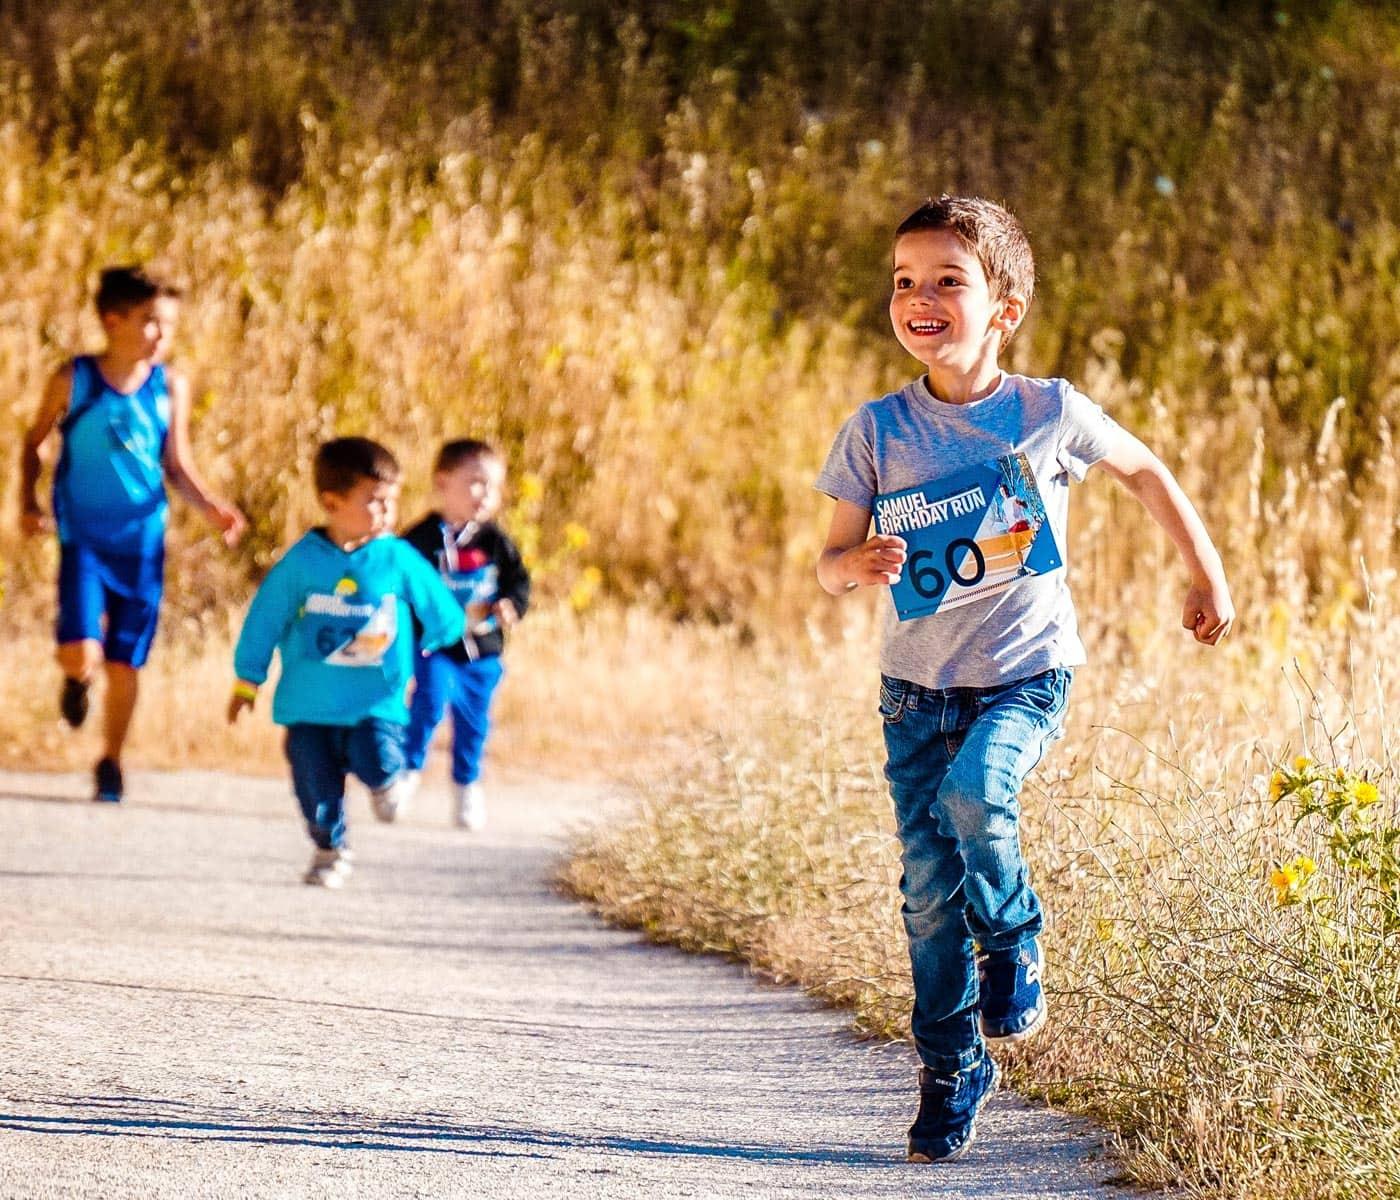 Benefizlauf in München und Umland: Kinder-laufen für Kinder // HIMBEER